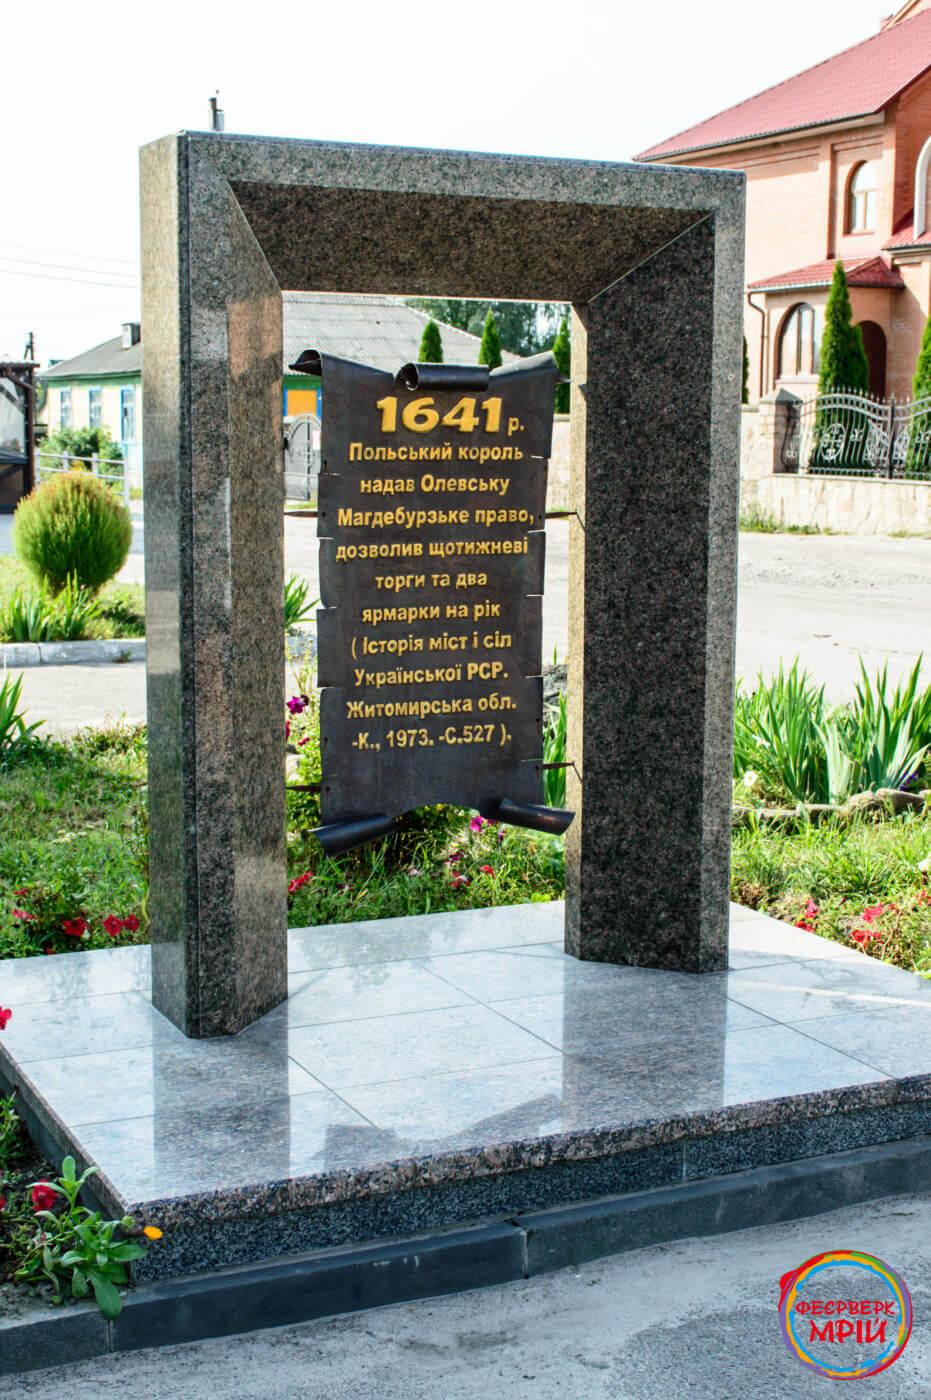 Пам'ятний знак з нагоди надання Олевську Магдебурзького права